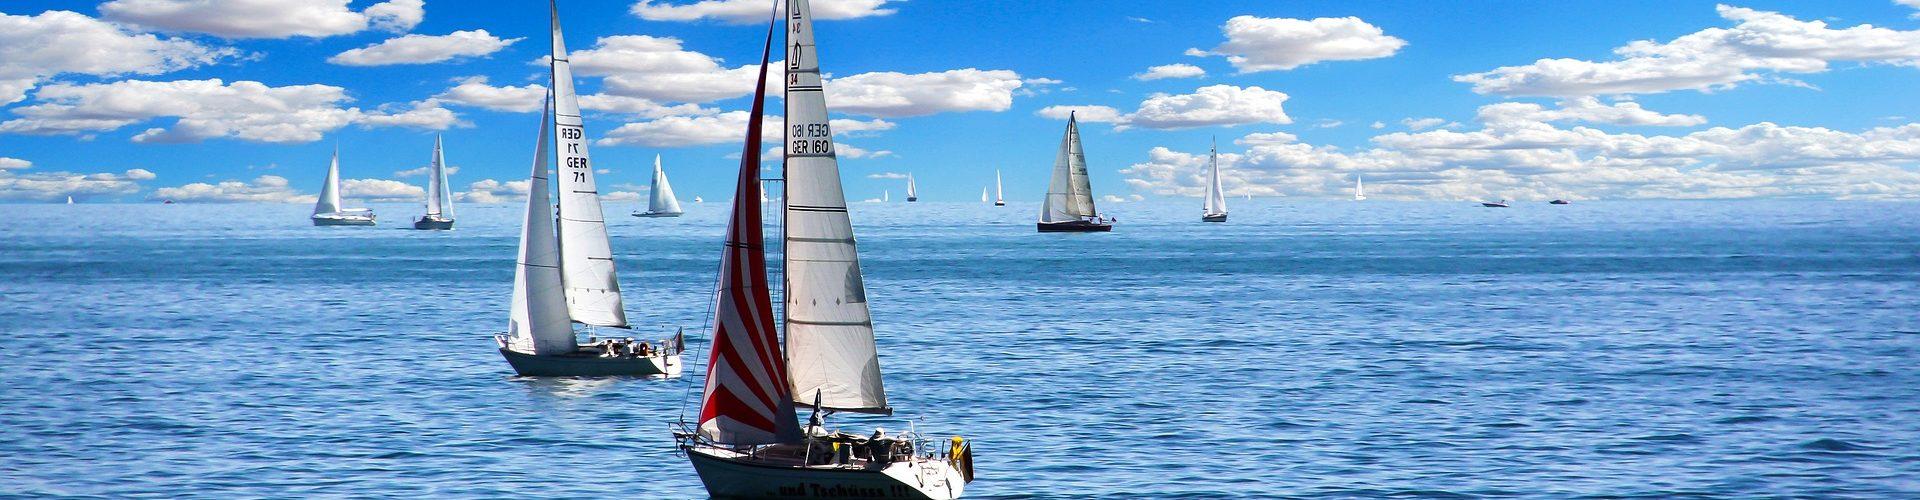 segeln lernen in Trassenheide segelschein machen in Trassenheide 1920x500 - Segeln lernen in Trassenheide